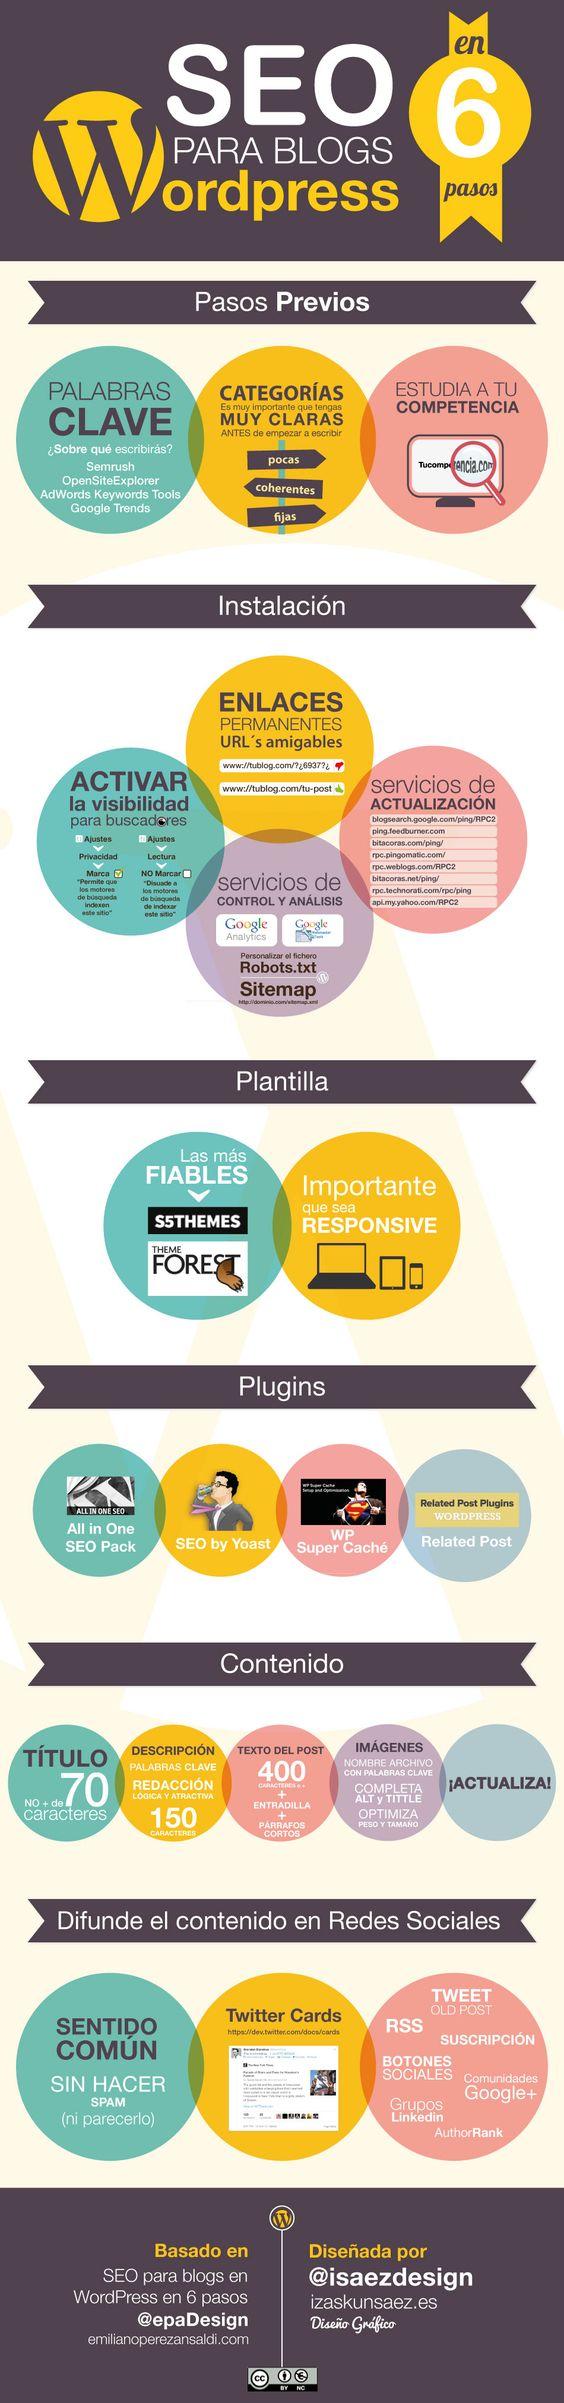 SEO en 6 pasos para blogs Wordpress.Infografía en español. #CommunityManager